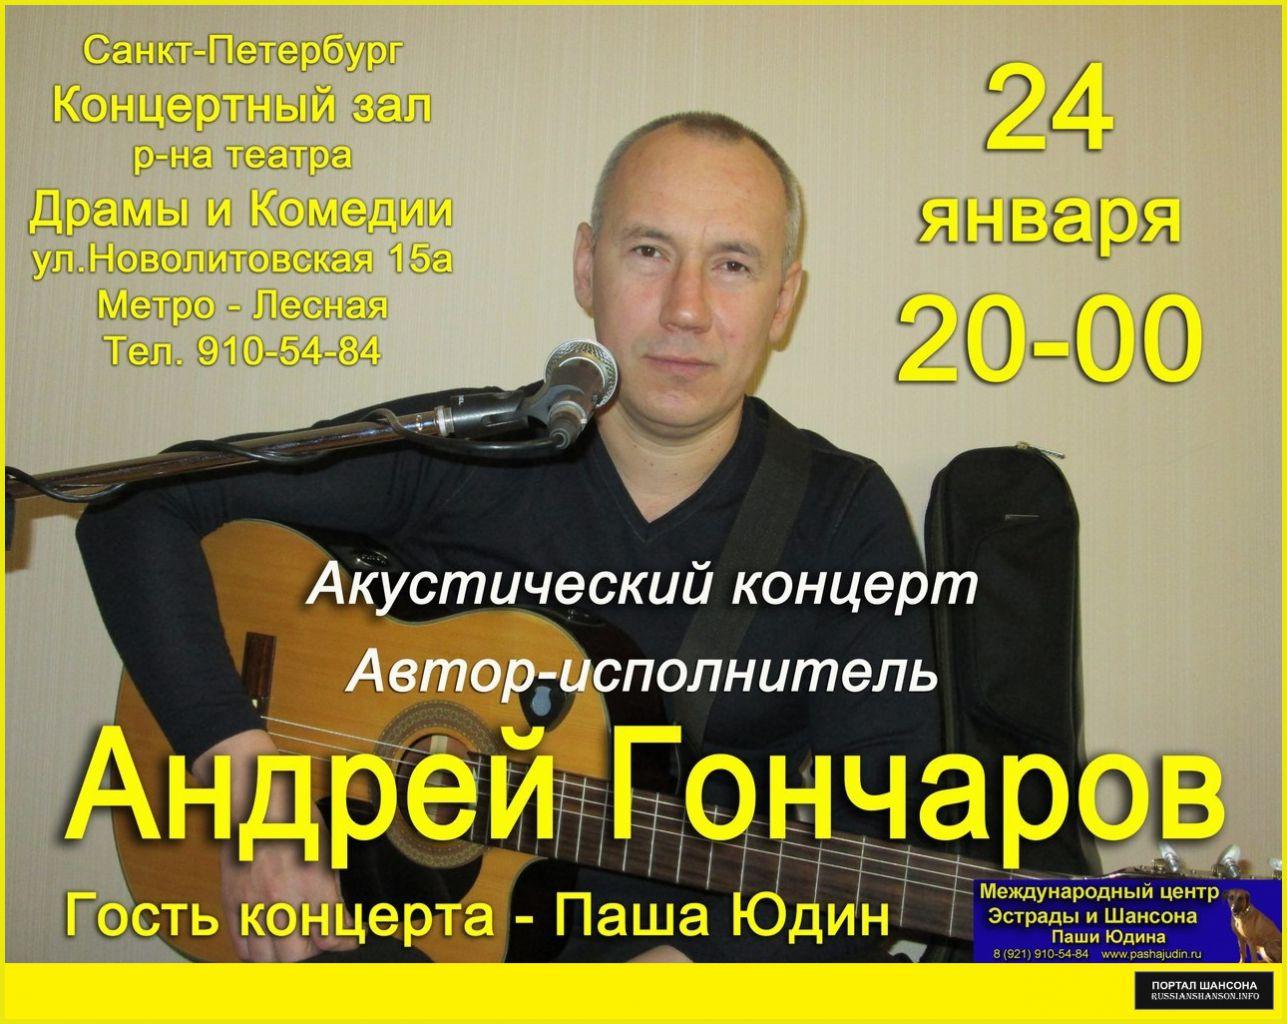 Андрей Гончаров 24 января 2015 года